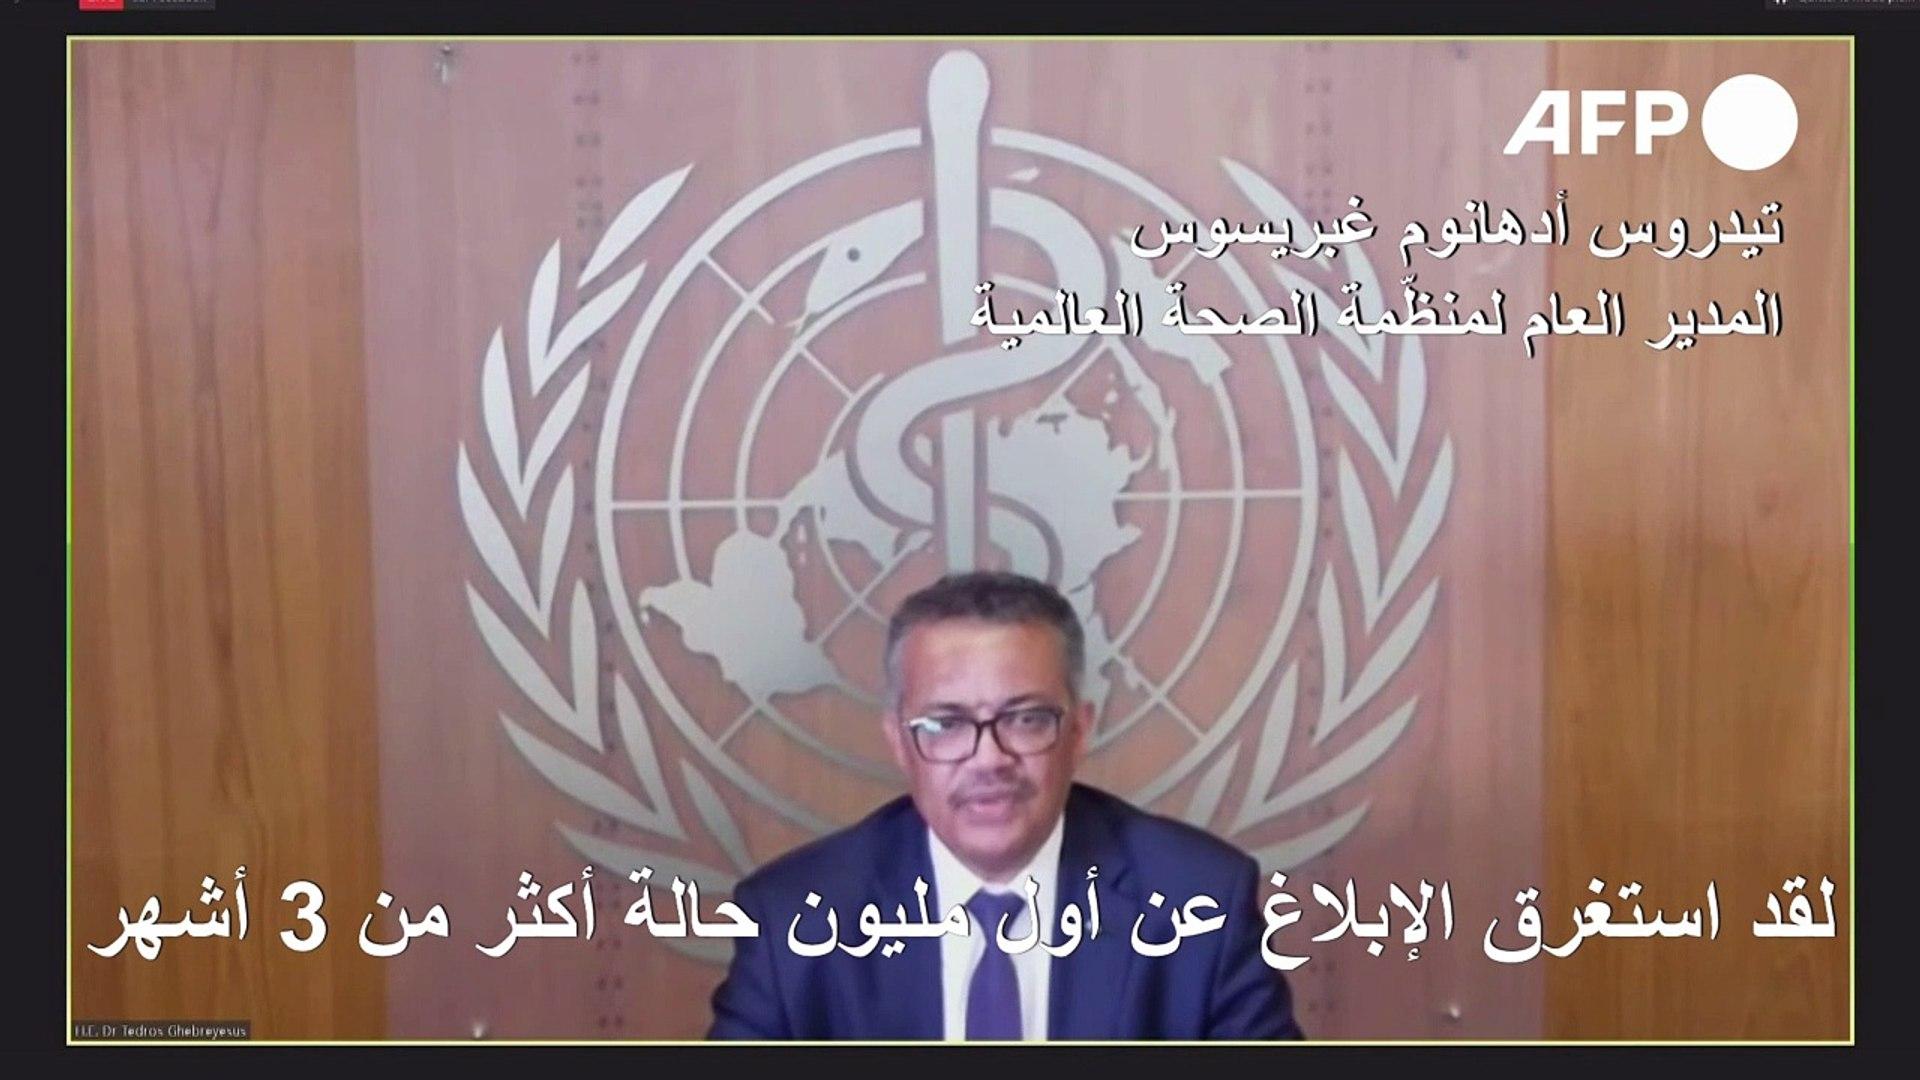 منظمة الصحة العالمية تحذر من أن فيروس كورونا المستجدّ لا يزال يتسارع في العالم